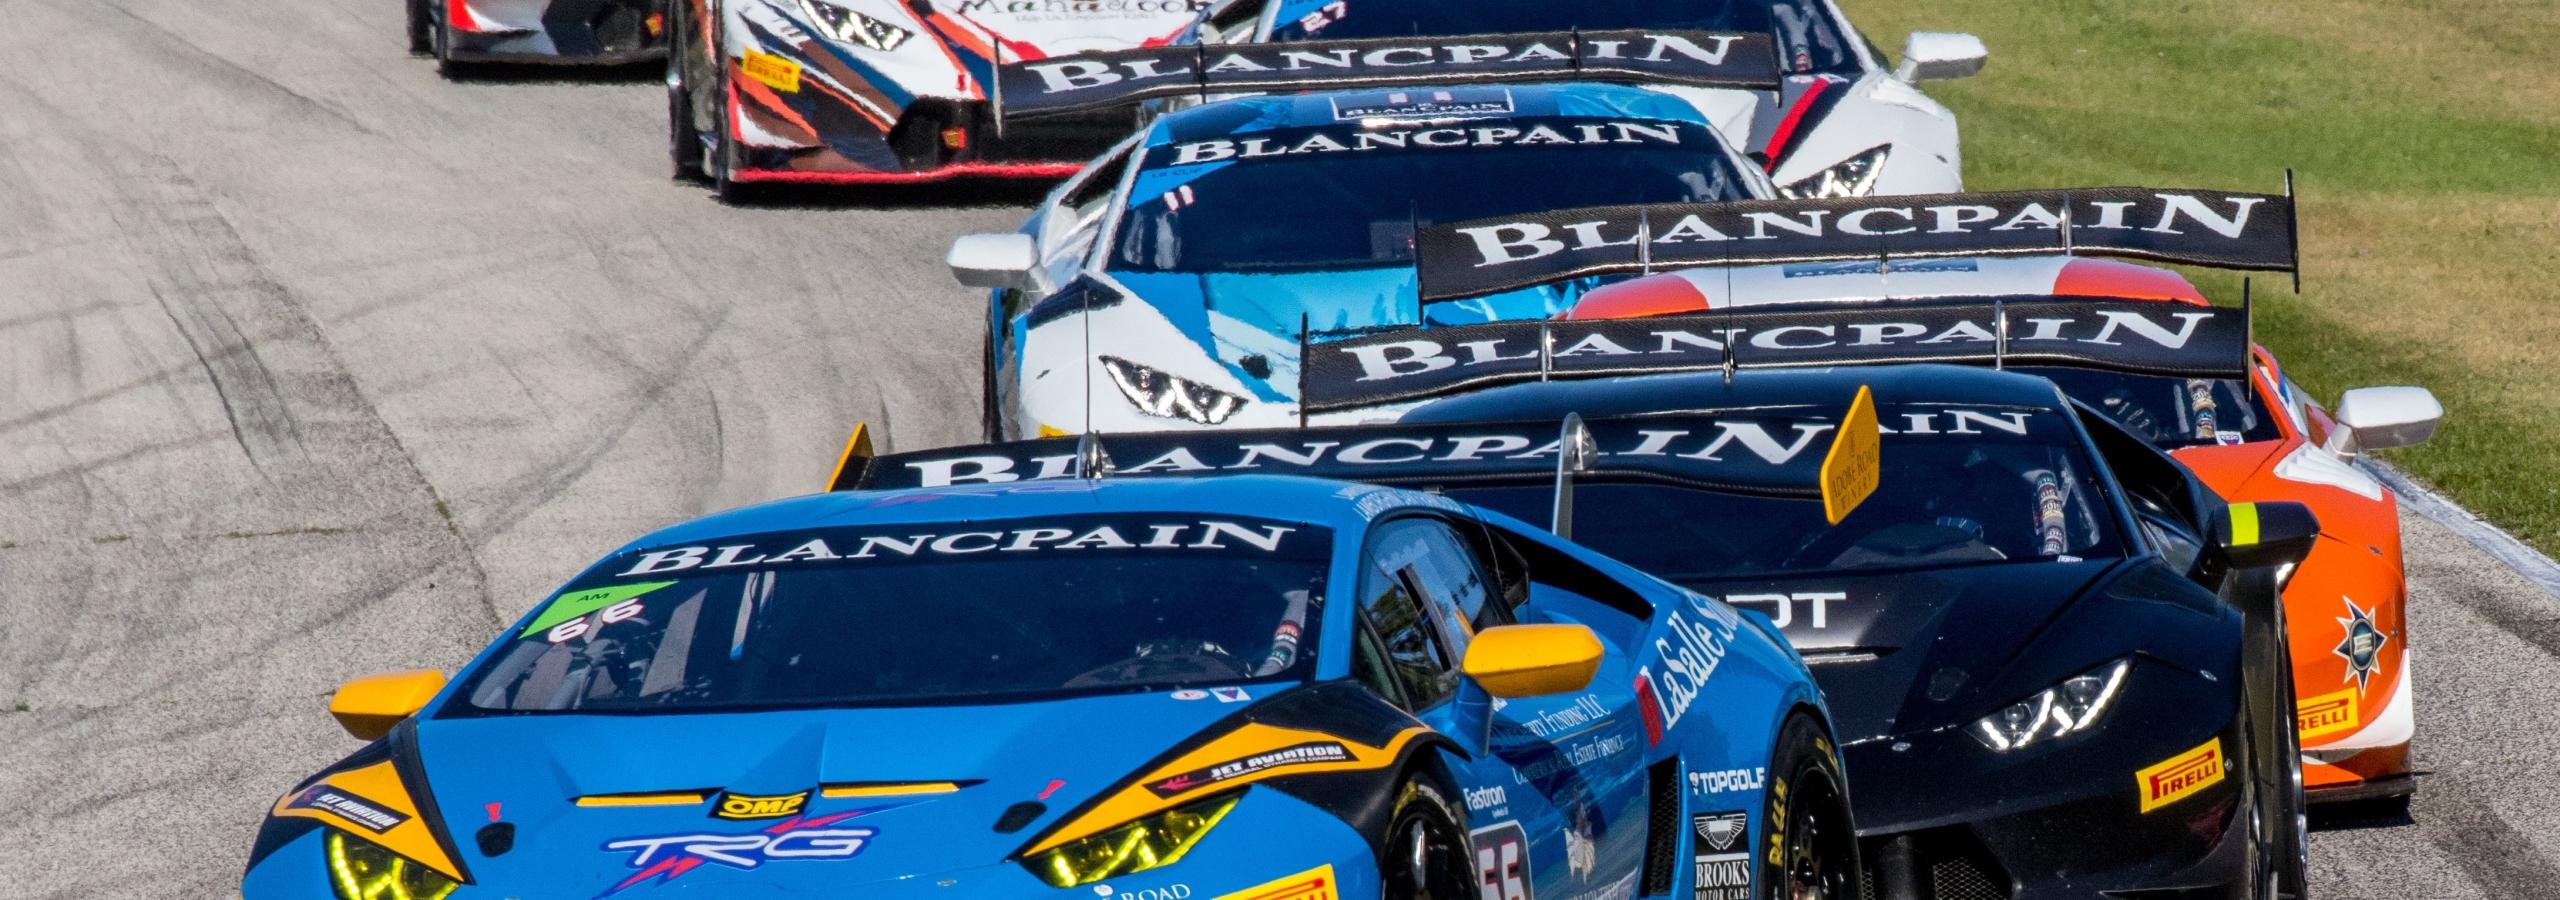 TRG Lamborghini's Weekend of Italian Racing and Californian Wines at Road America